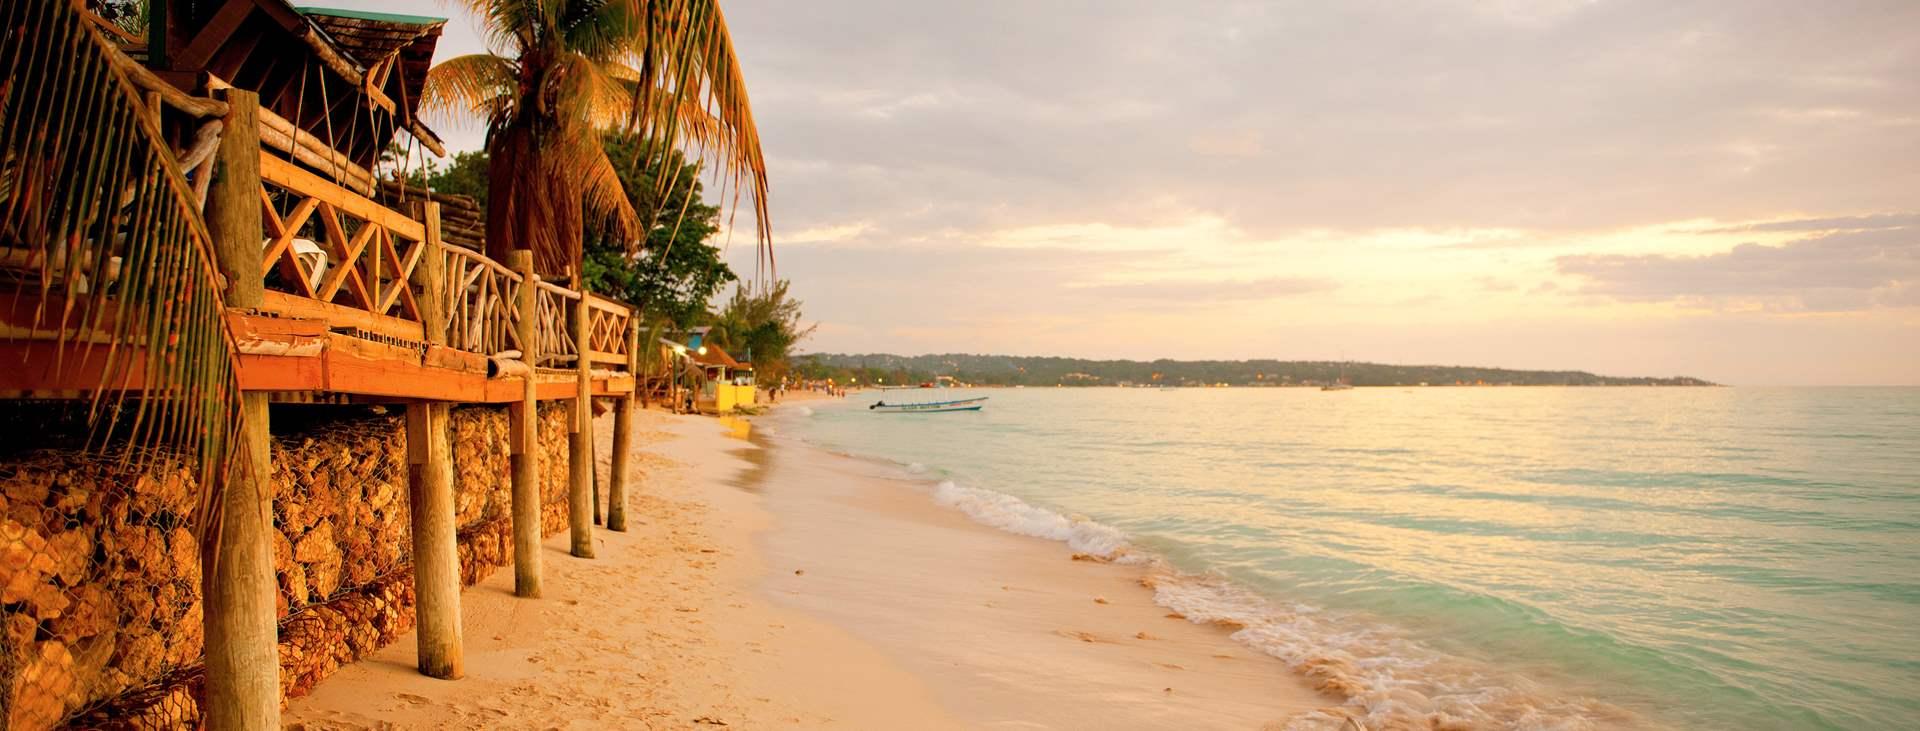 Varaa All Inclusive -hotelli Negrilissä, Jamaikalla, ja nauti helposta lomasta